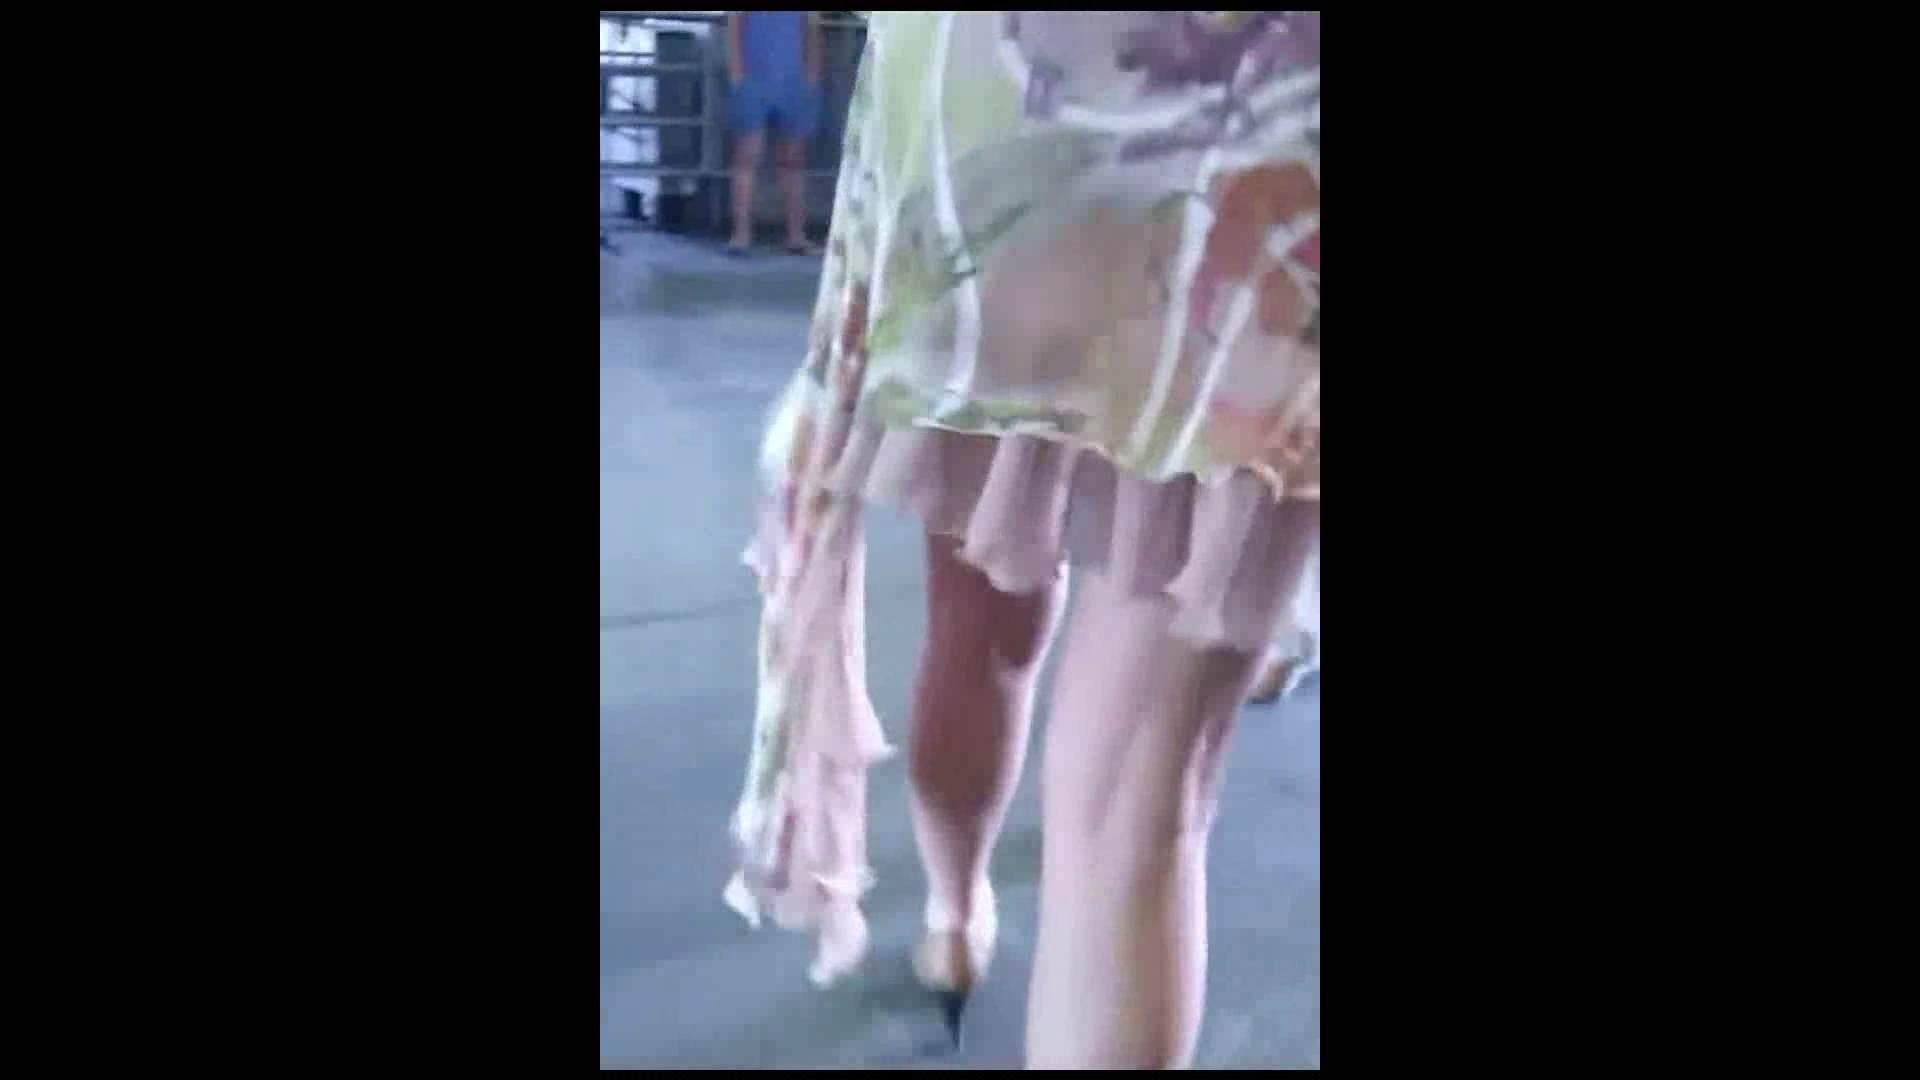 綺麗なモデルさんのスカート捲っちゃおう‼vol03 お姉さん   0  110画像 63